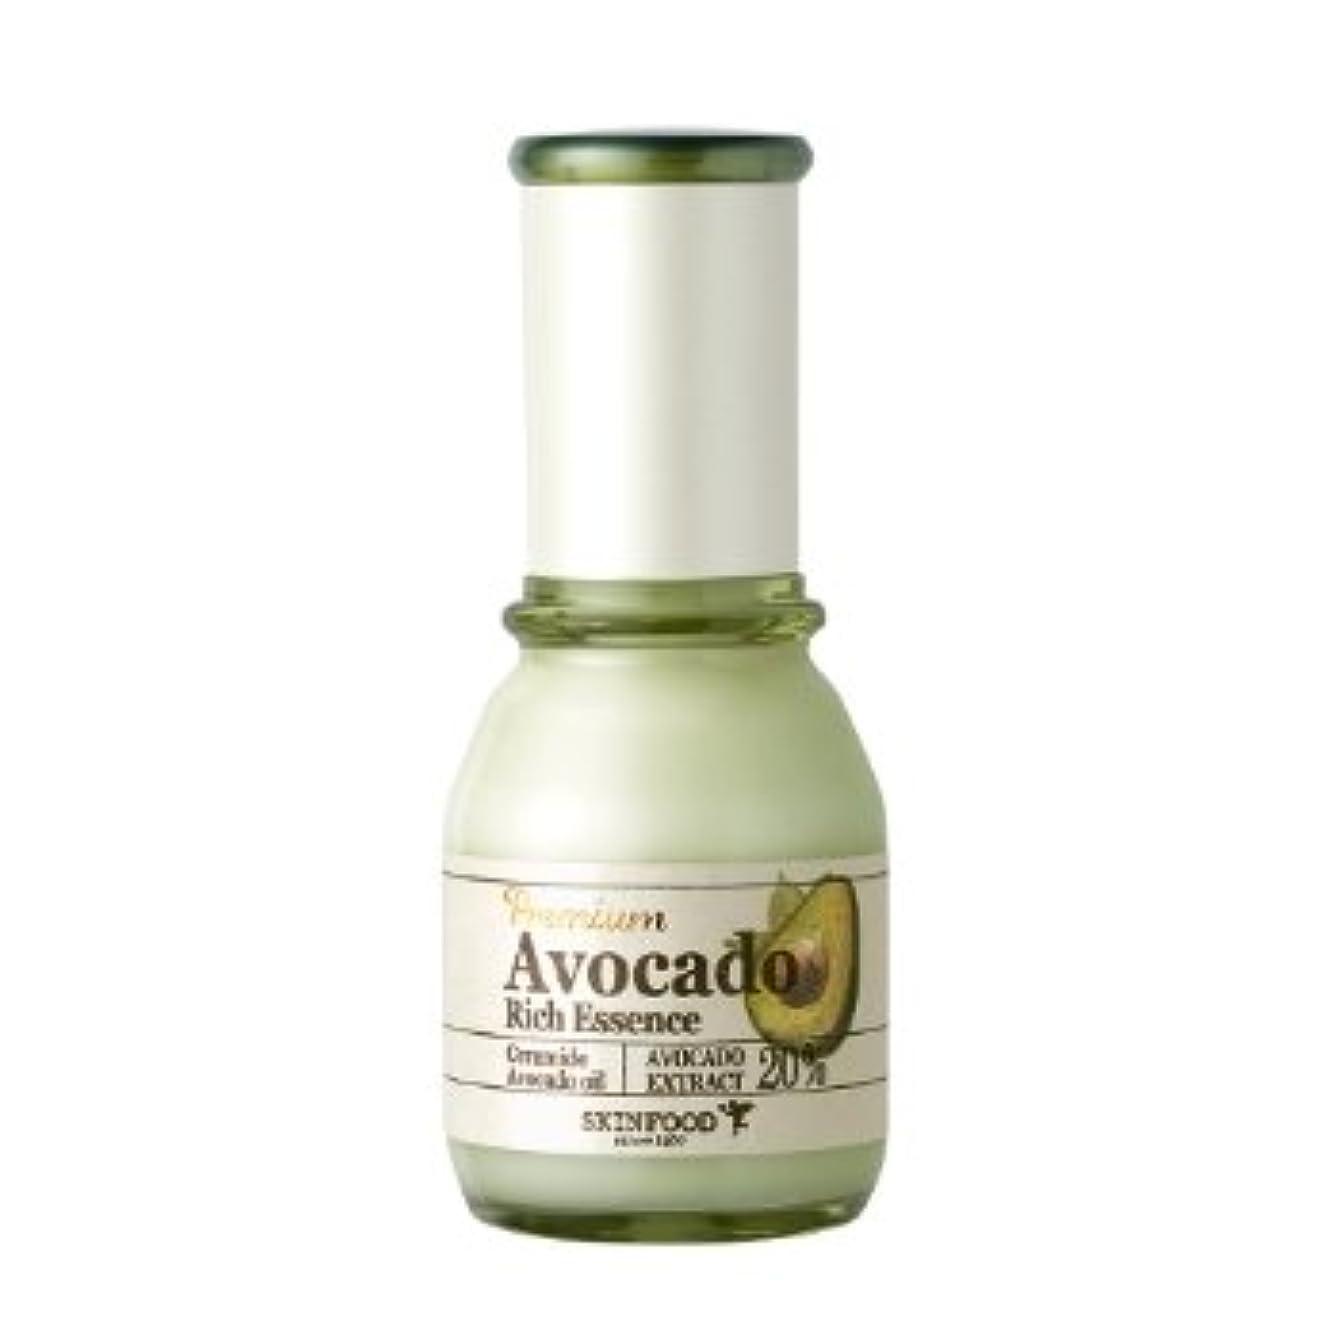 ドリンク凝視アサースキンフード [Skin Food] プレミアム アボカド リーチ エッセンス 50ml / Premium Avocado Rich Essence 海外直送品